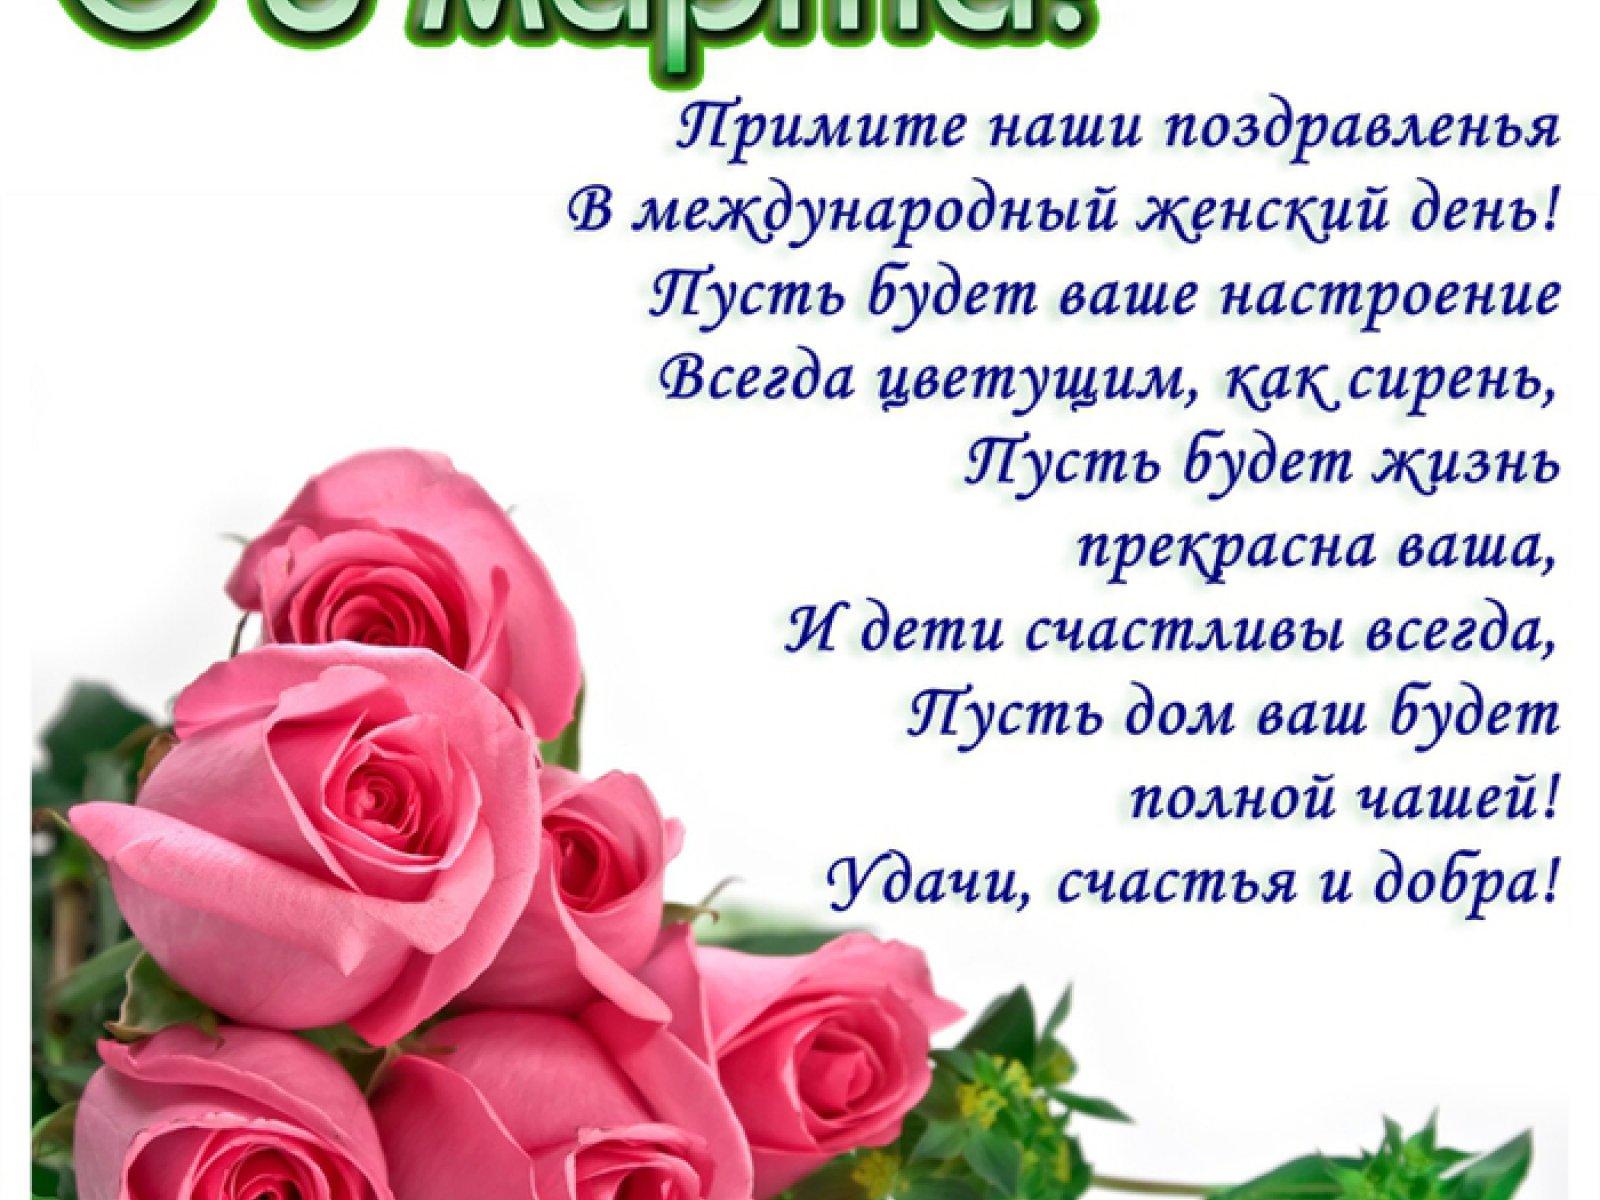 Примите поздравления в международный женский день